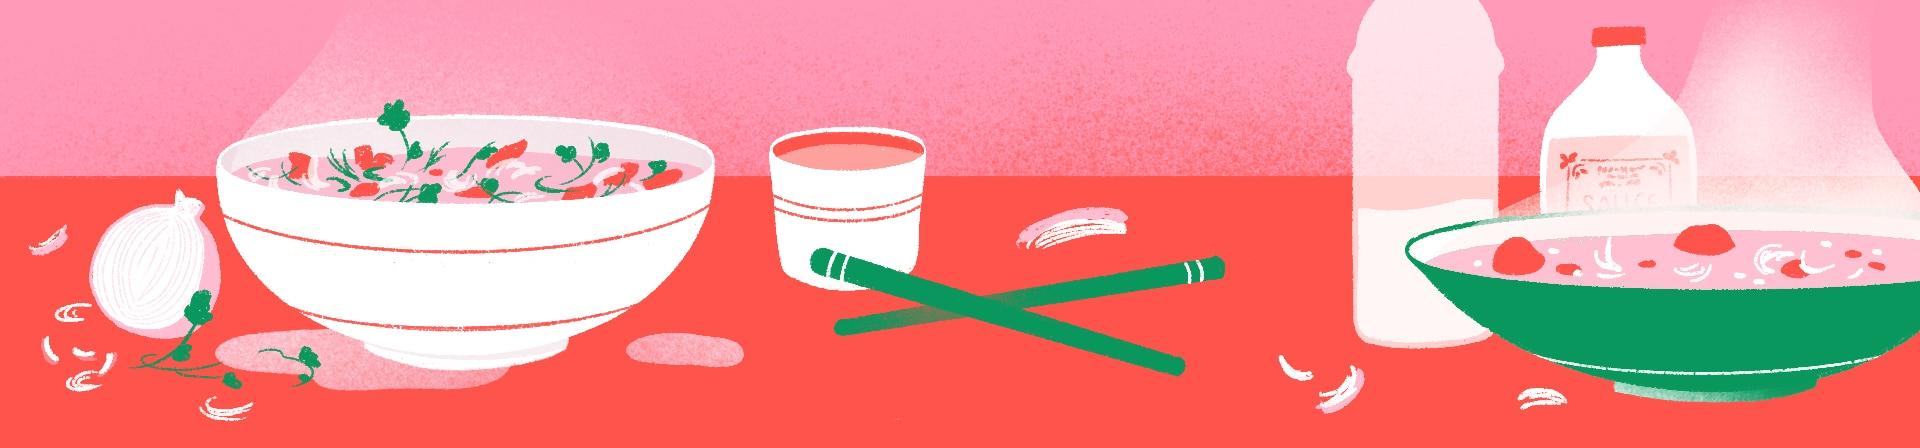 Illustration de soupes Phô.